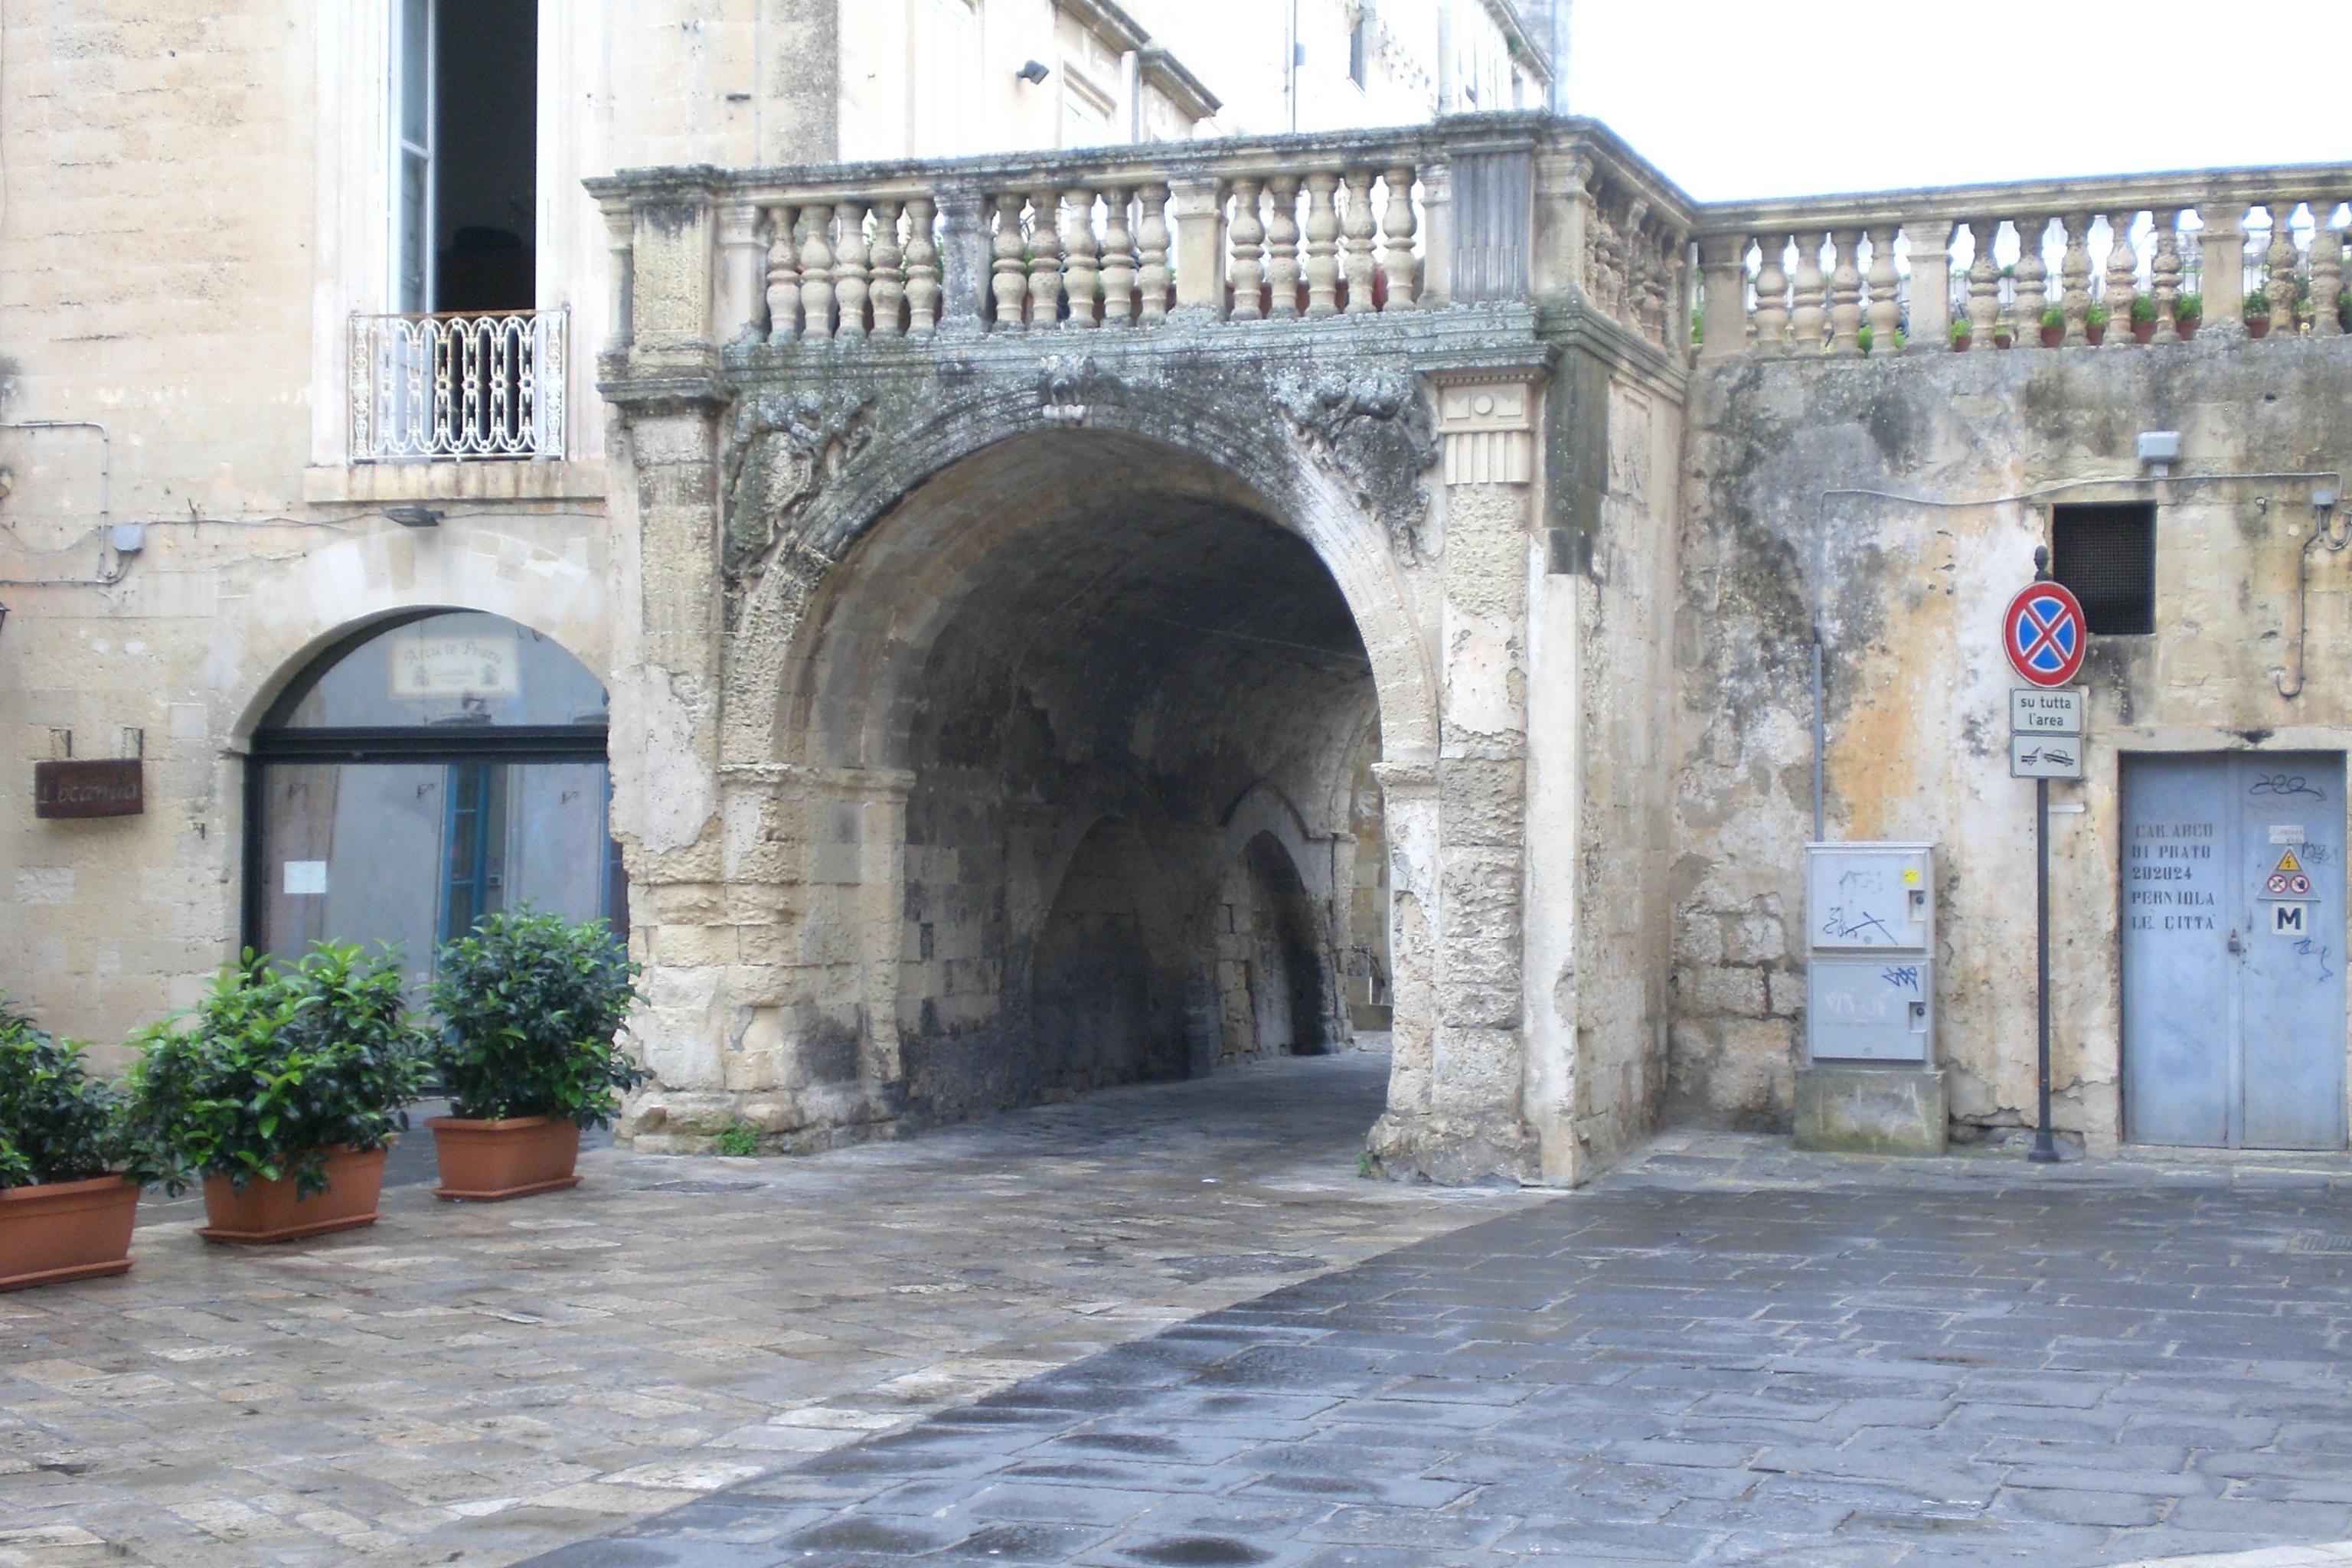 L'Arco di Prato, il Bignami della storia di Lecce